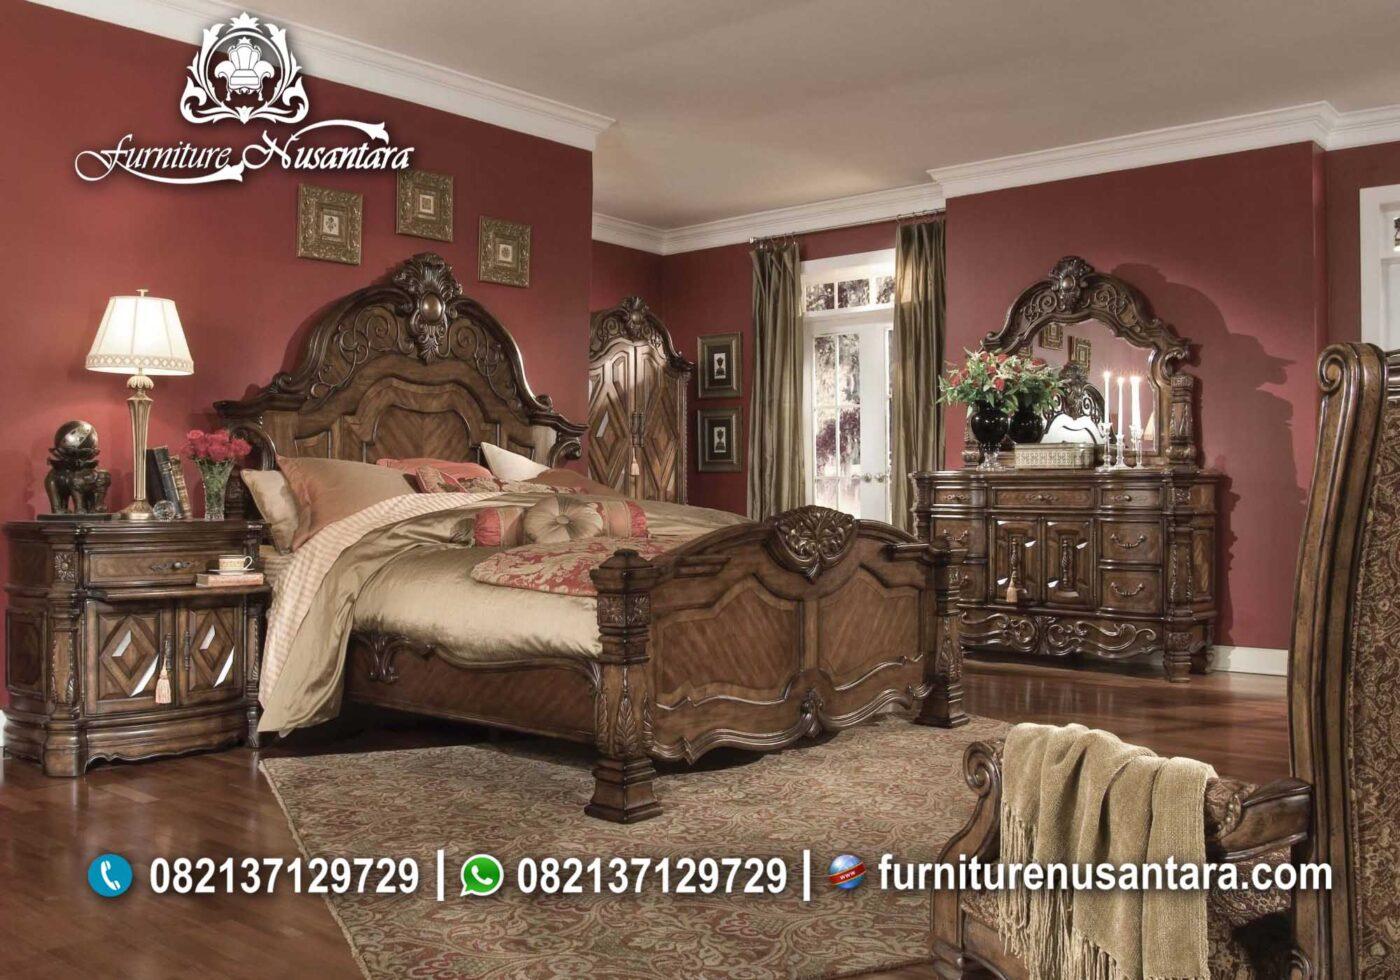 Desain Kamar Set Minimalis Natural KS-75, Furniture Nusantara